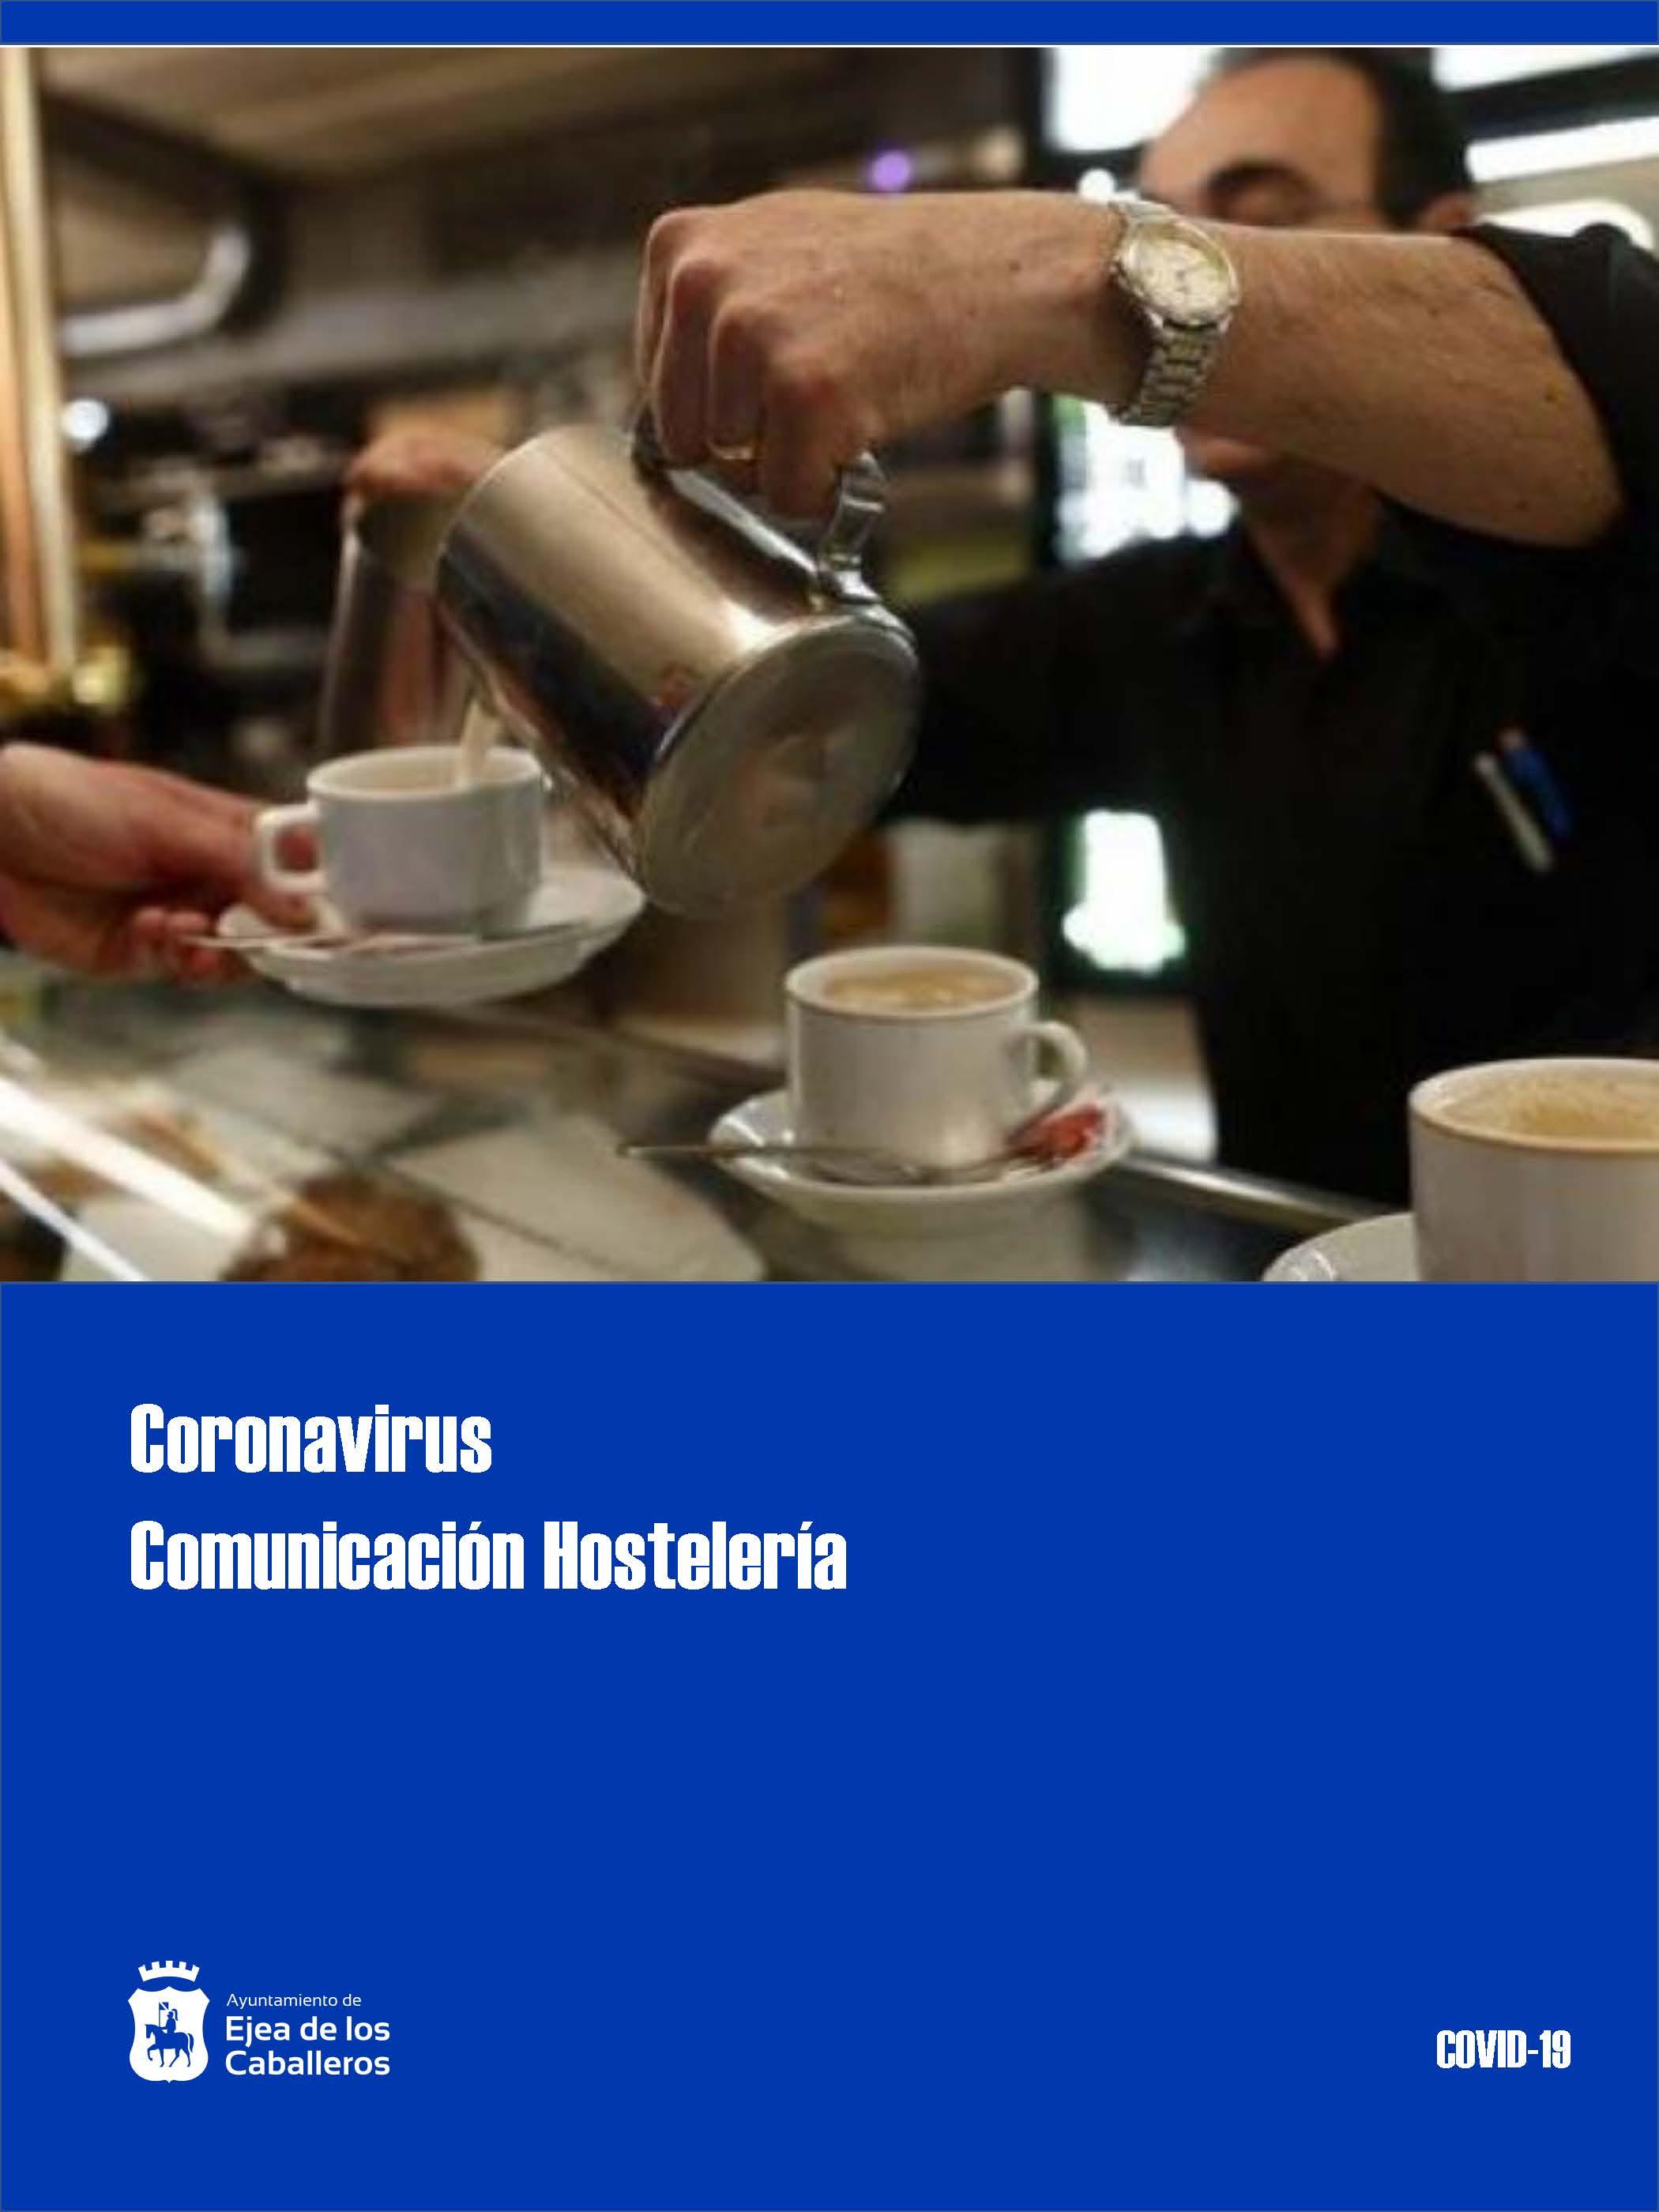 Comunicación- Reapertura de terrazas de hostelería